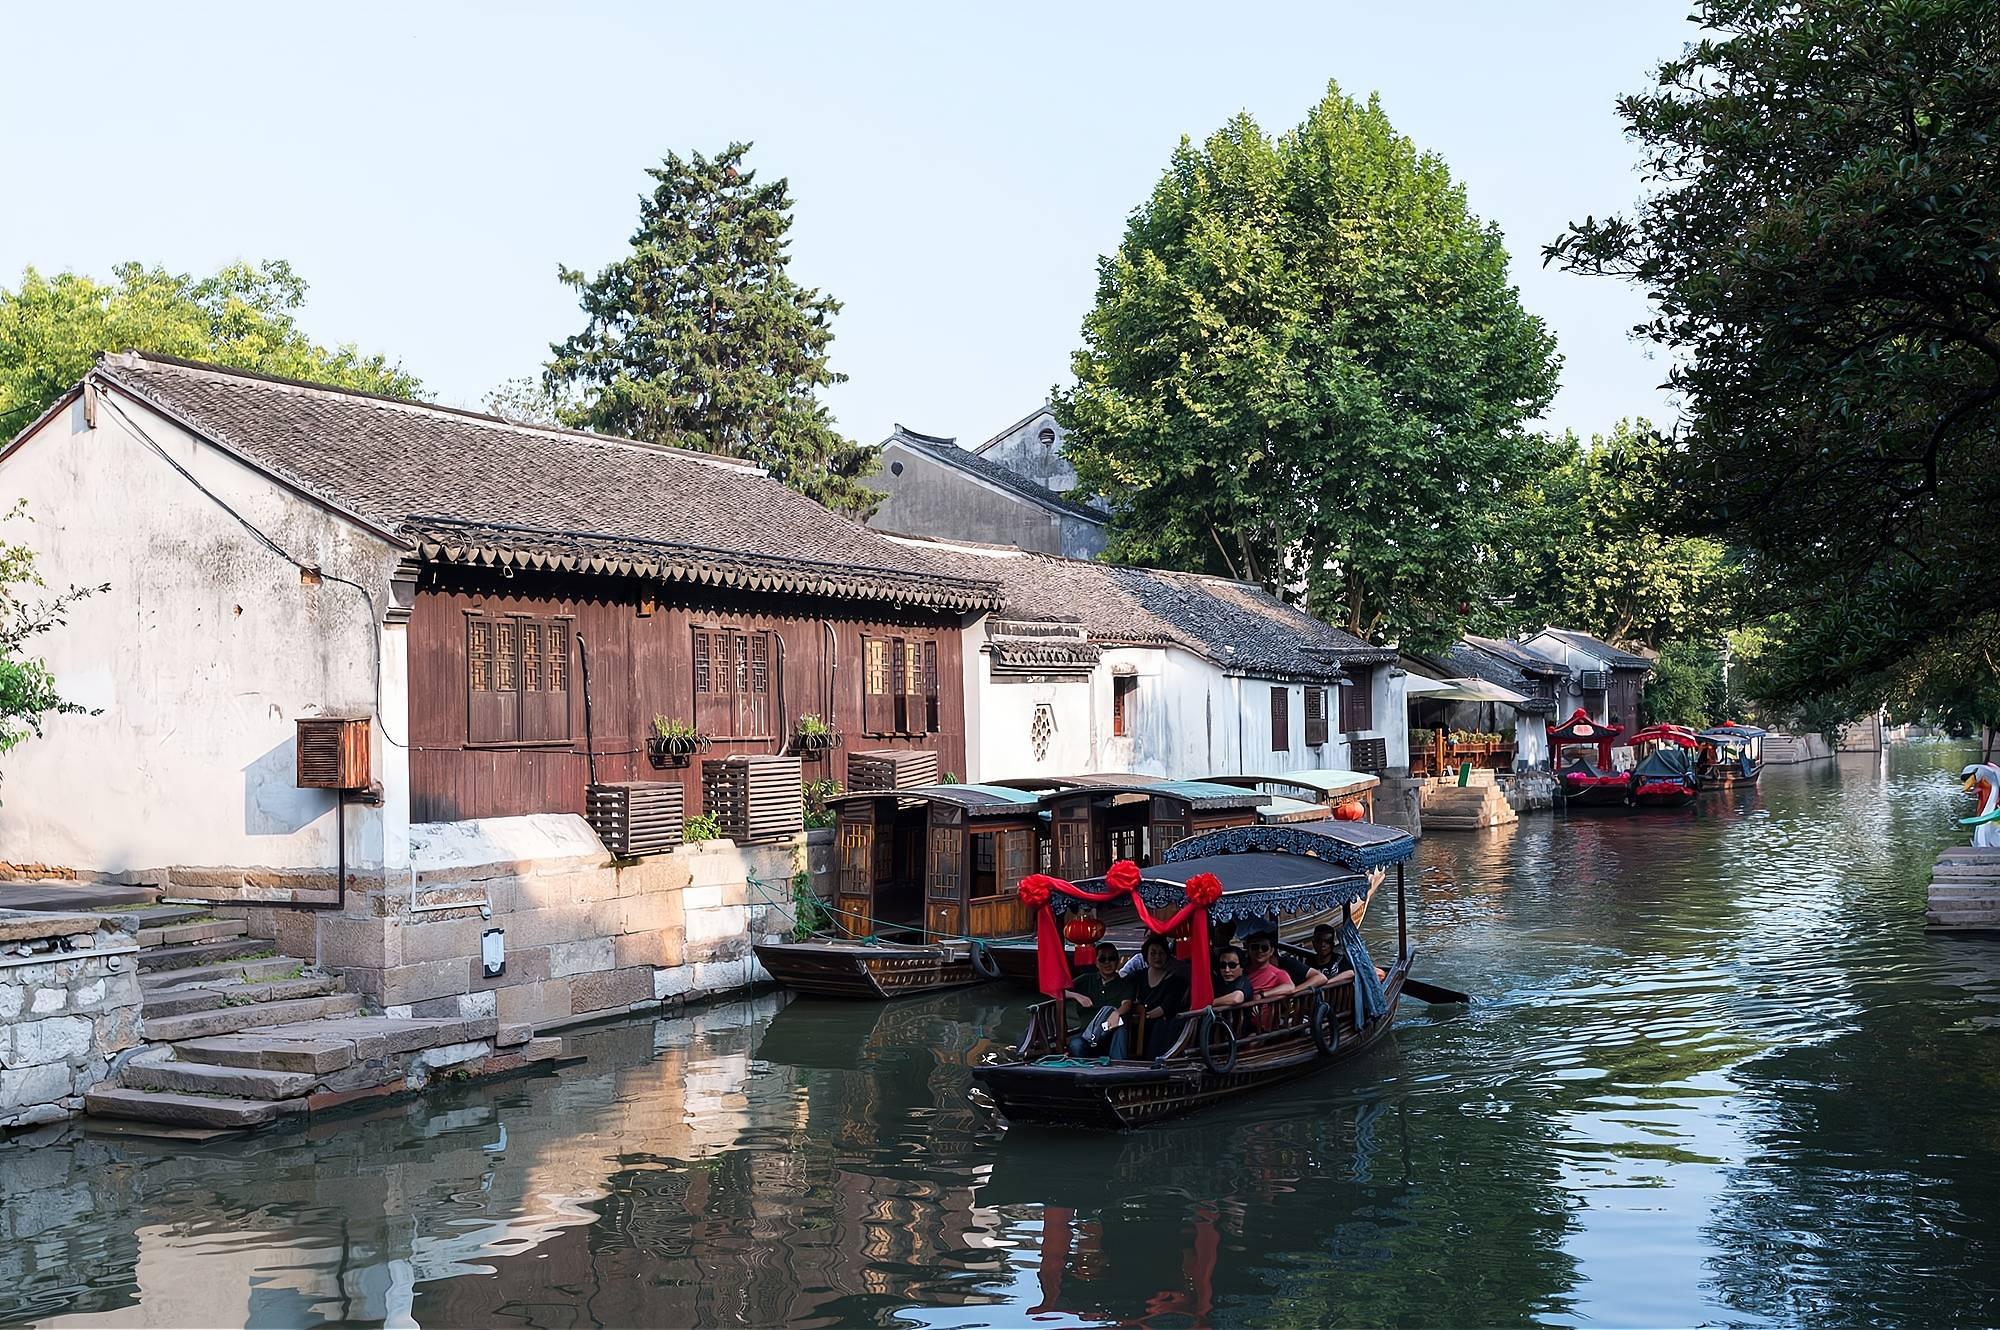 700多年的古镇,至今保留着江南水乡的淳朴风貌,她就是南浔古镇